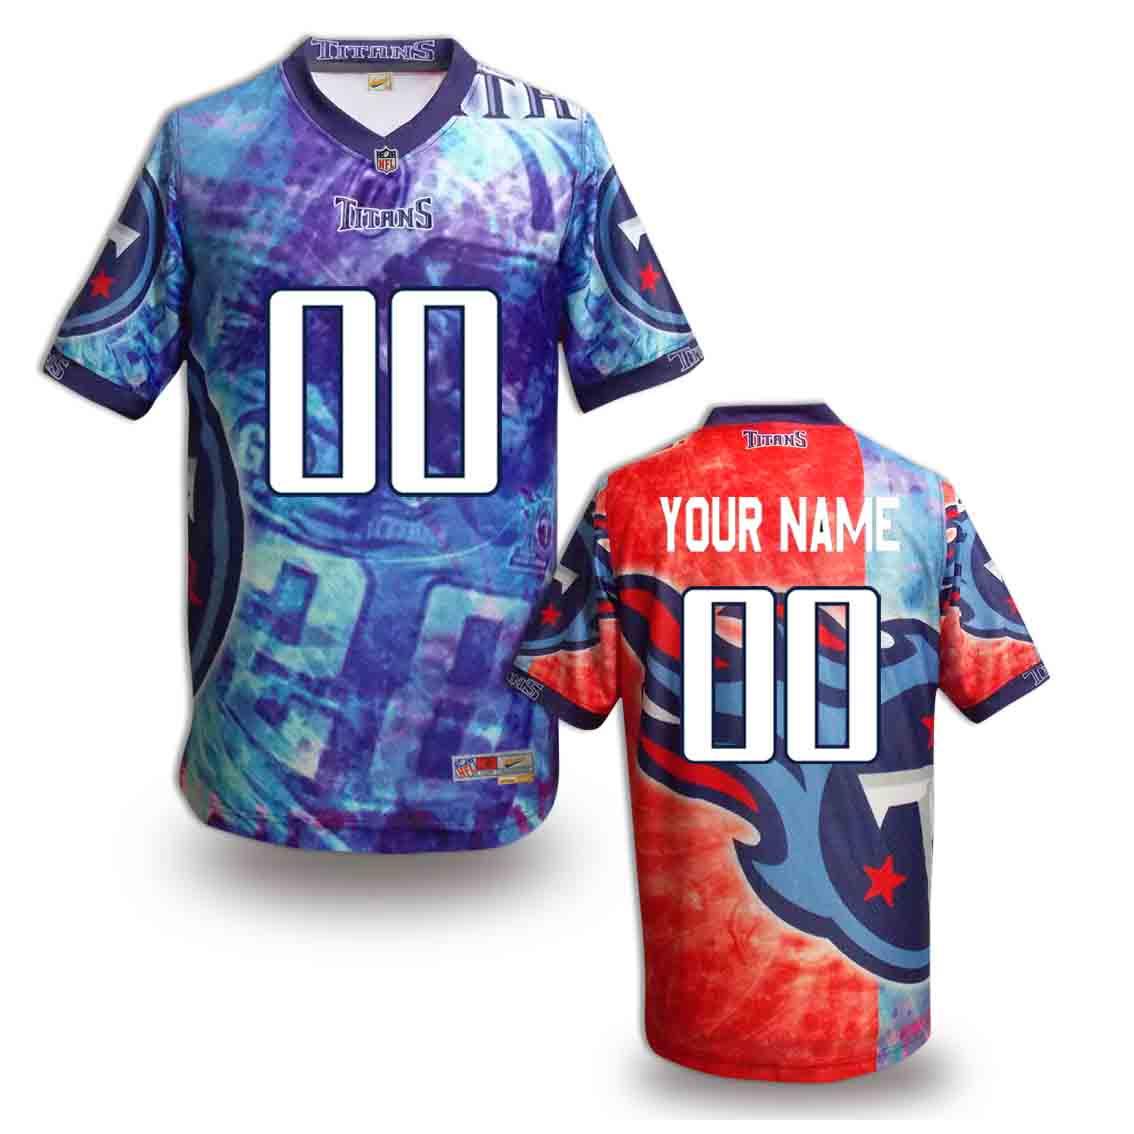 Nike Titans Customized Fashion Stitched Jerseys03